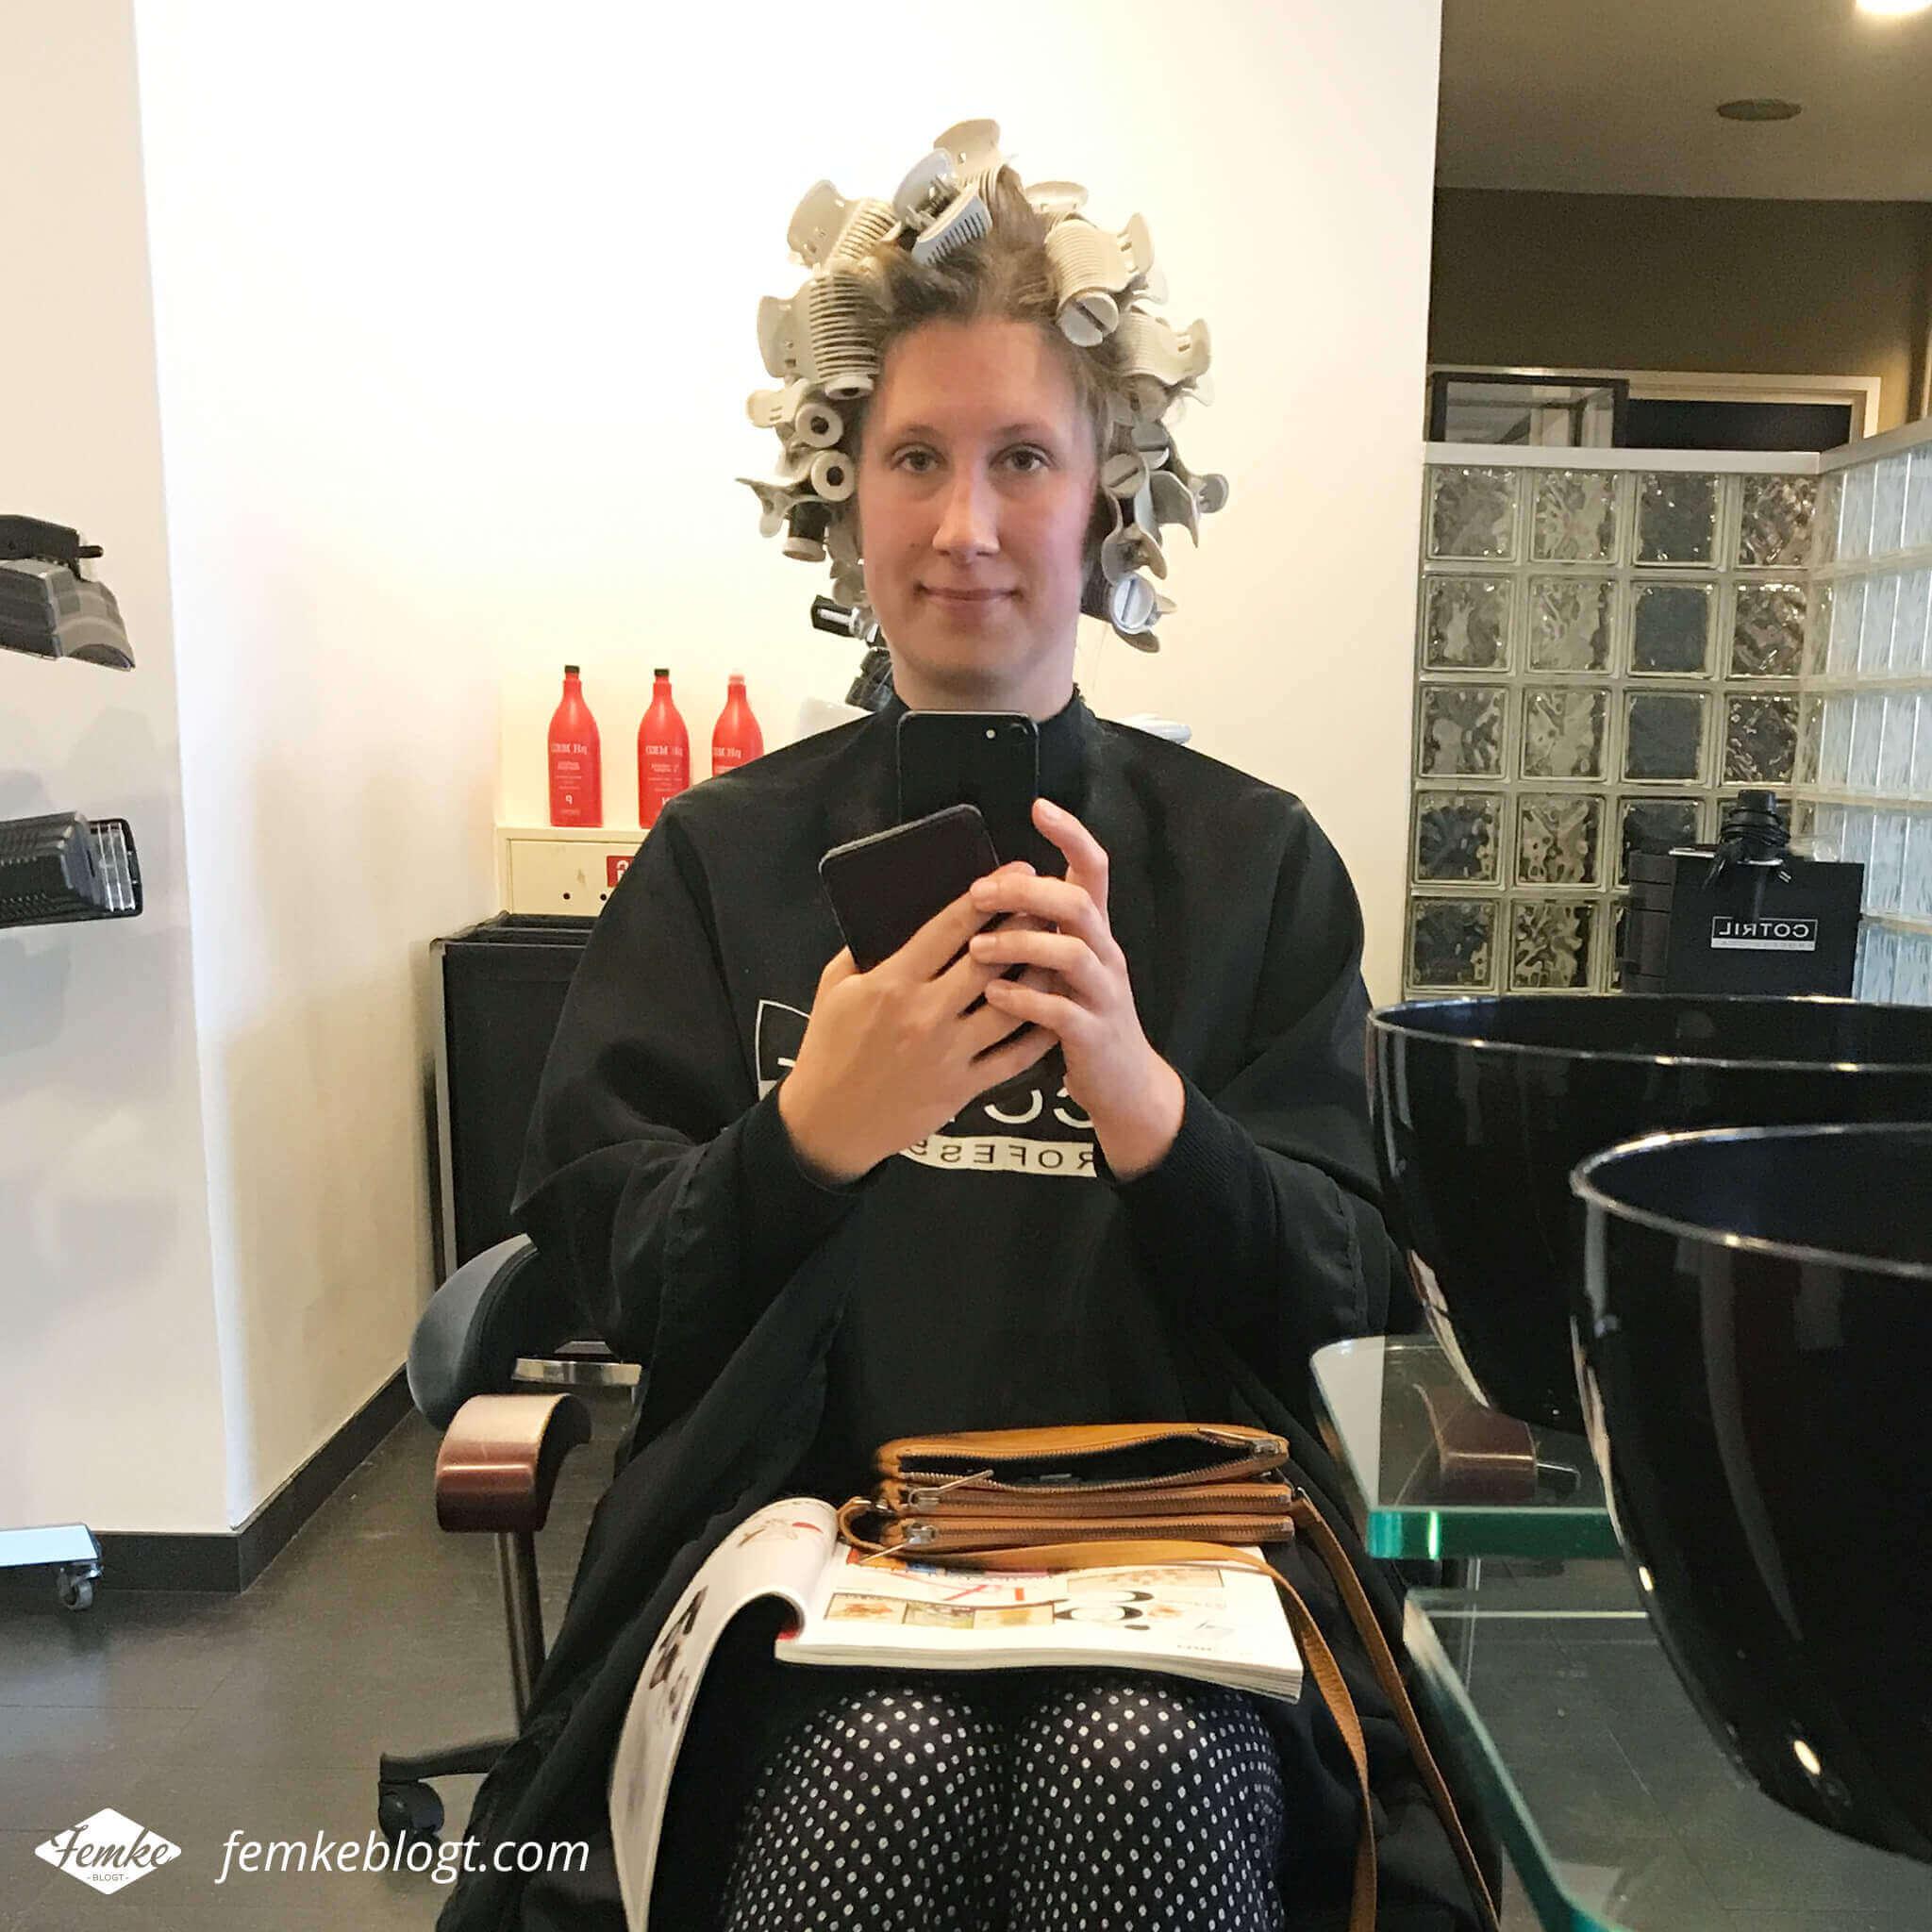 Maandoverzicht september | Bij de kapper